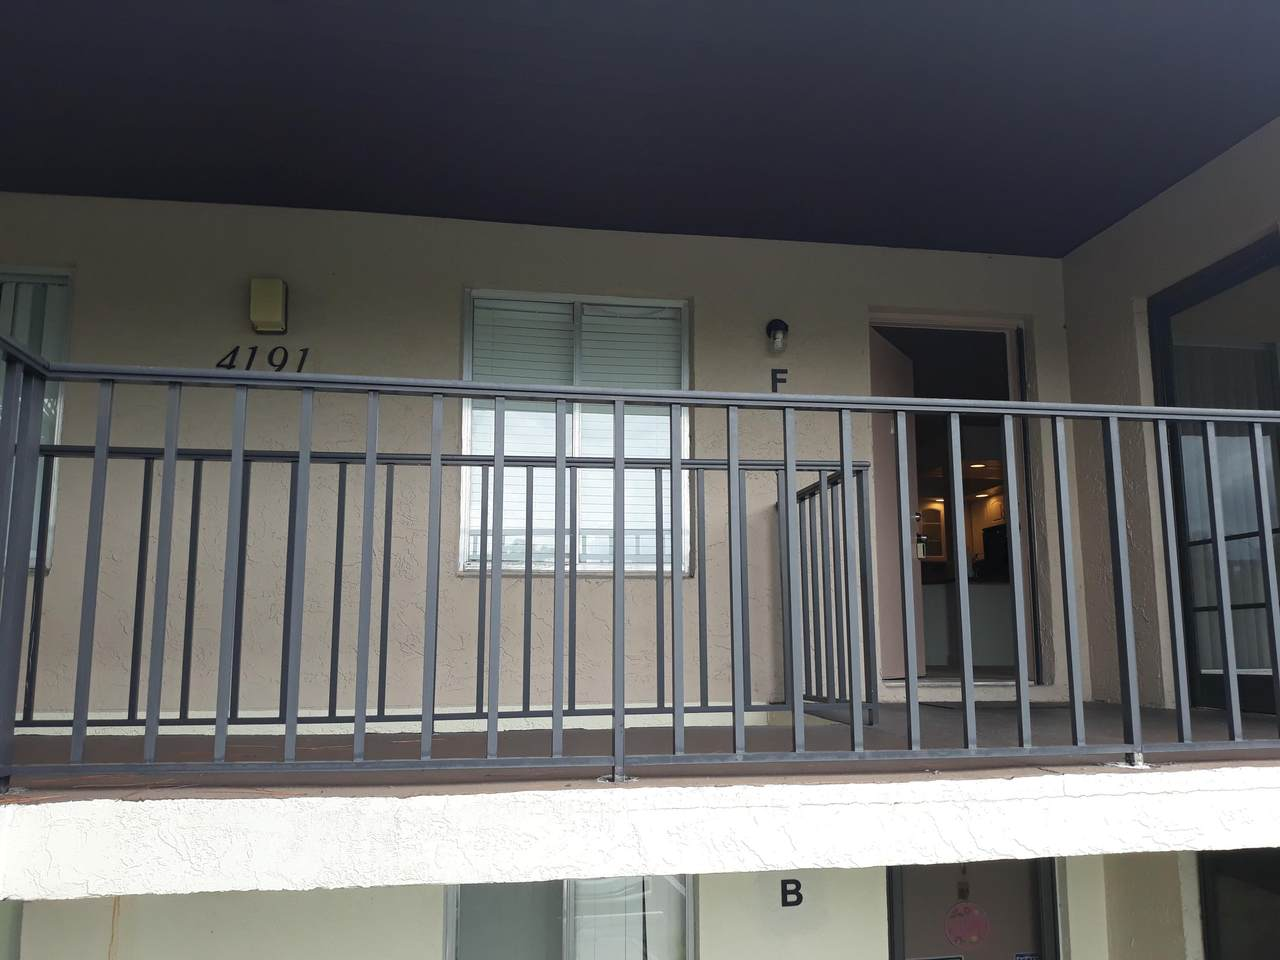 4191 57th Avenue - Photo 1